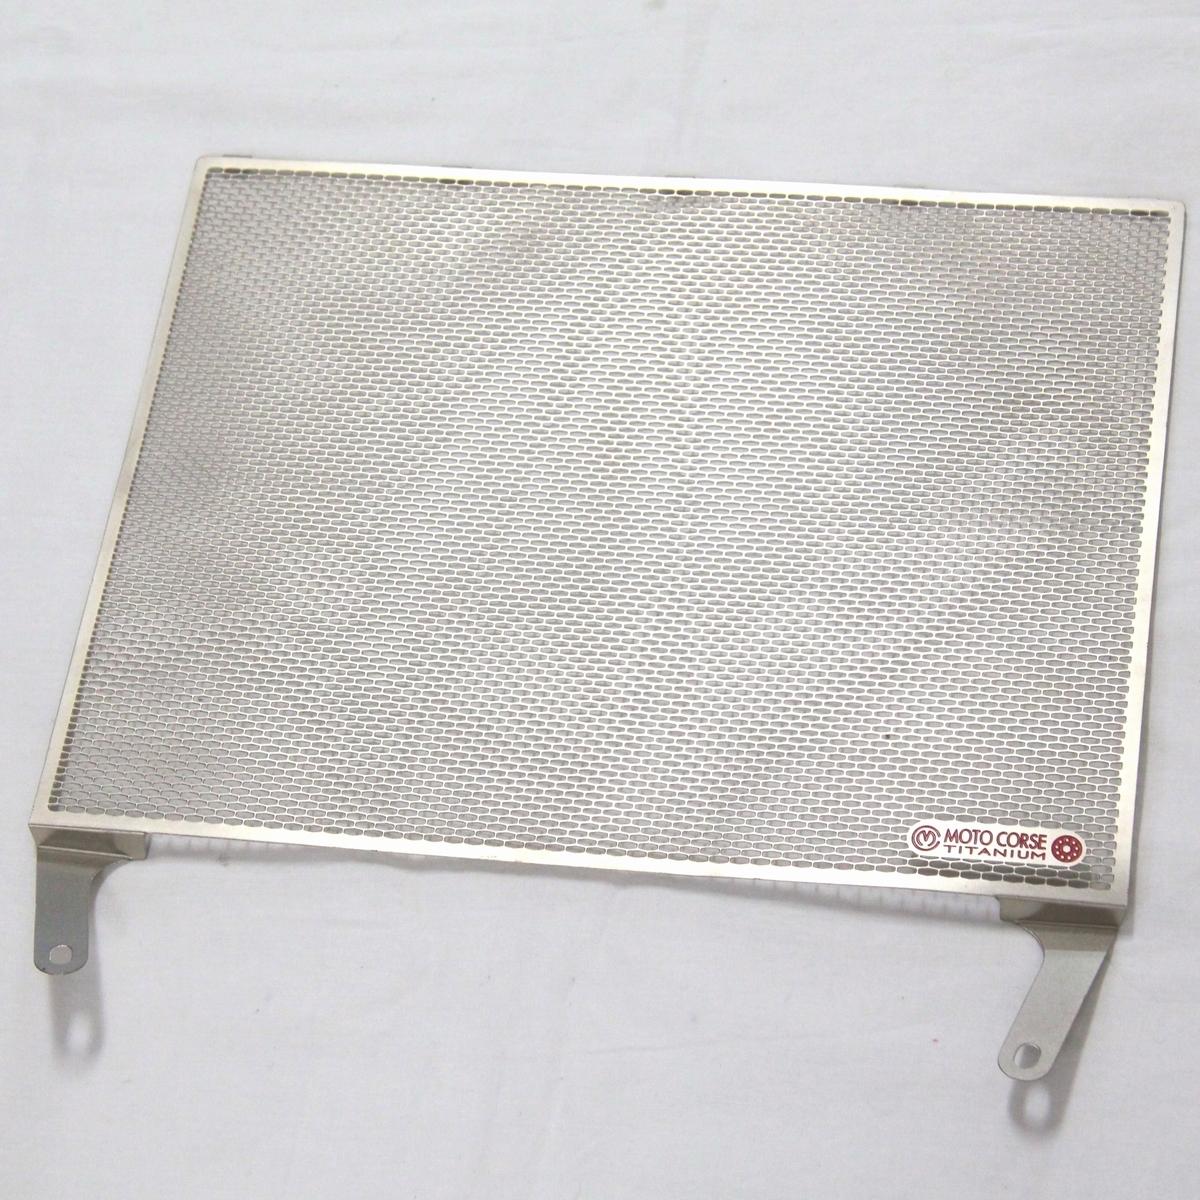 展示品 モトコルセ チタニウムプロテクションスクリーン ラジエターガード MOTO CORSE MVアグスタ YZF-R1_画像2